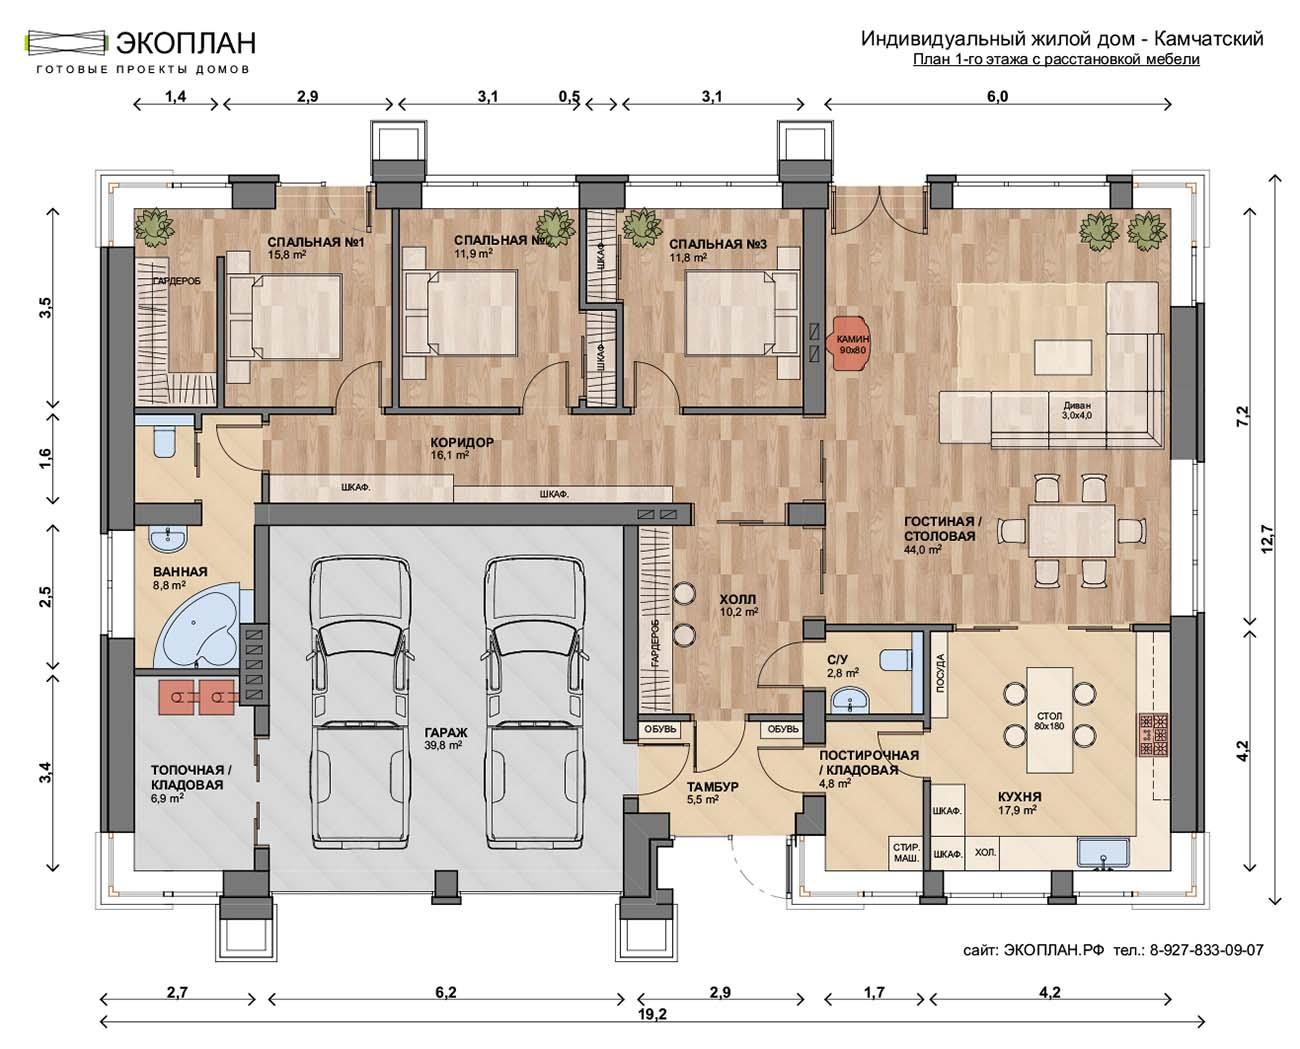 Готовый проект дома - Камчатский - Ульяновск план